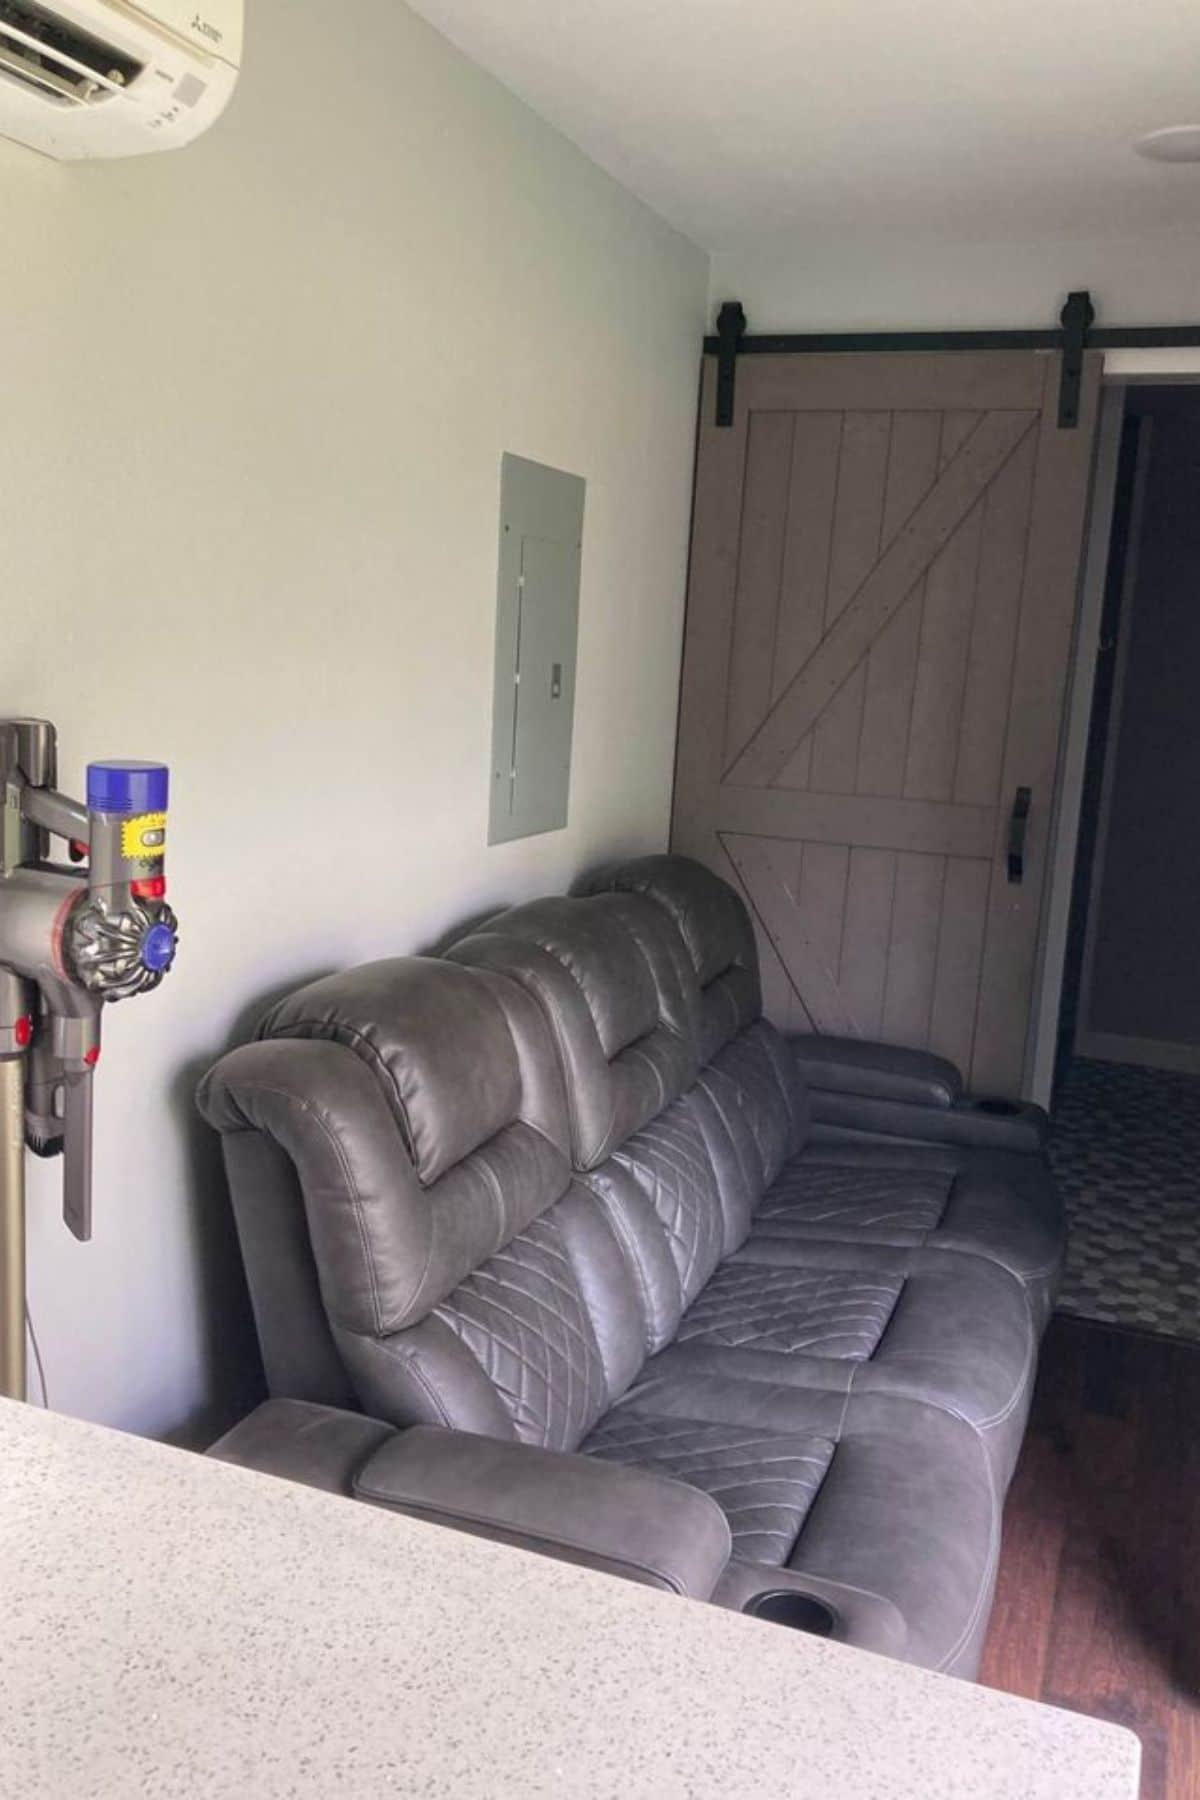 Gray sofa next to kitchen counter